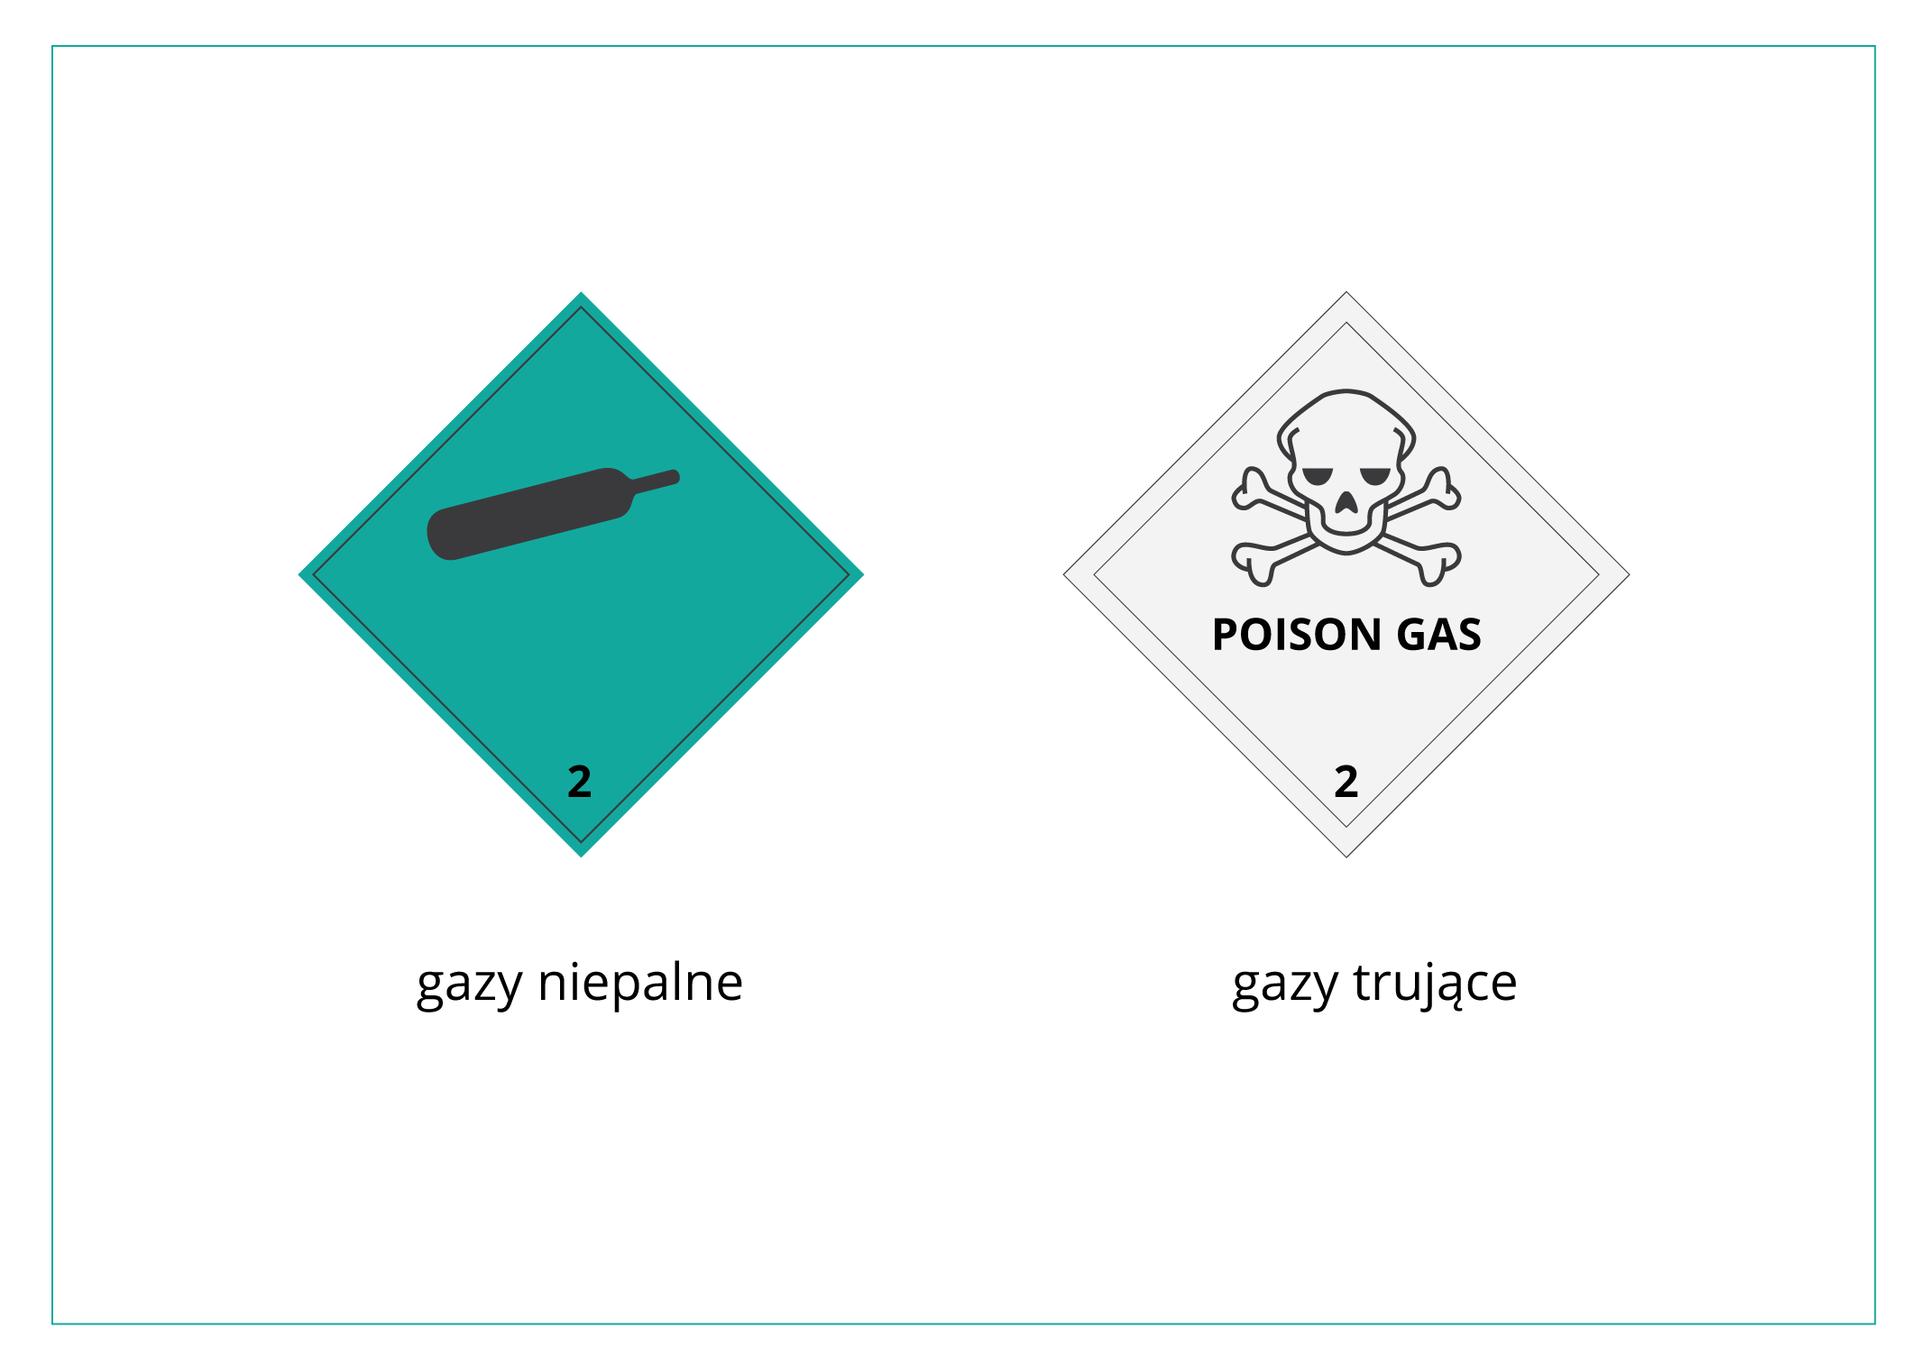 Galeria prezentuje dwanaście piktogramów znaków ostrzegawczych mających postać kwadratów ustawionych na wierzchołkach, czyli rombów okątach prostych. Każdy ma wpobliżu dolnego wierzchołka numer. Na planszy prezentowane iopisane są dwa piktogramy ułożone obok siebie. Piktogram po lewej stronie ma tło zielonkawe iprezentuje czarną podłużną butlę gazową oraz liczbę 2. Jest to ostrzeżenie przed gazami niepalnymi. Piktogram po prawej stronie ma tło szare iprezentuje czarną czaszkę ze skrzyżowanymi piszczelami, napis Poison Gas oraz liczbę 2. Jest to ostrzeżenie przed gazami trującymi.